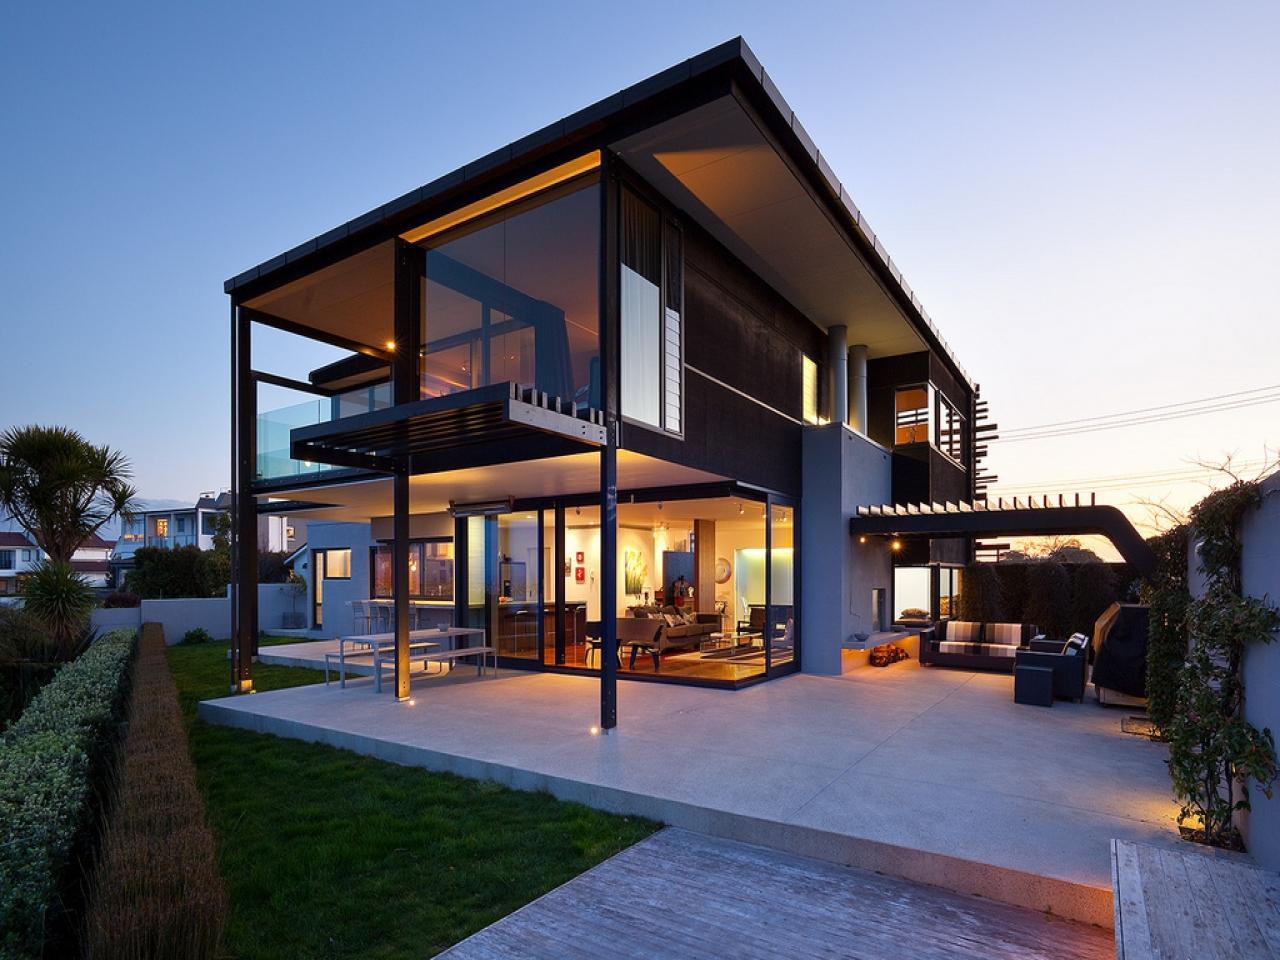 Casas prefabricadas de acero galvanizado precios y fotos - Estructura metalica vivienda ...